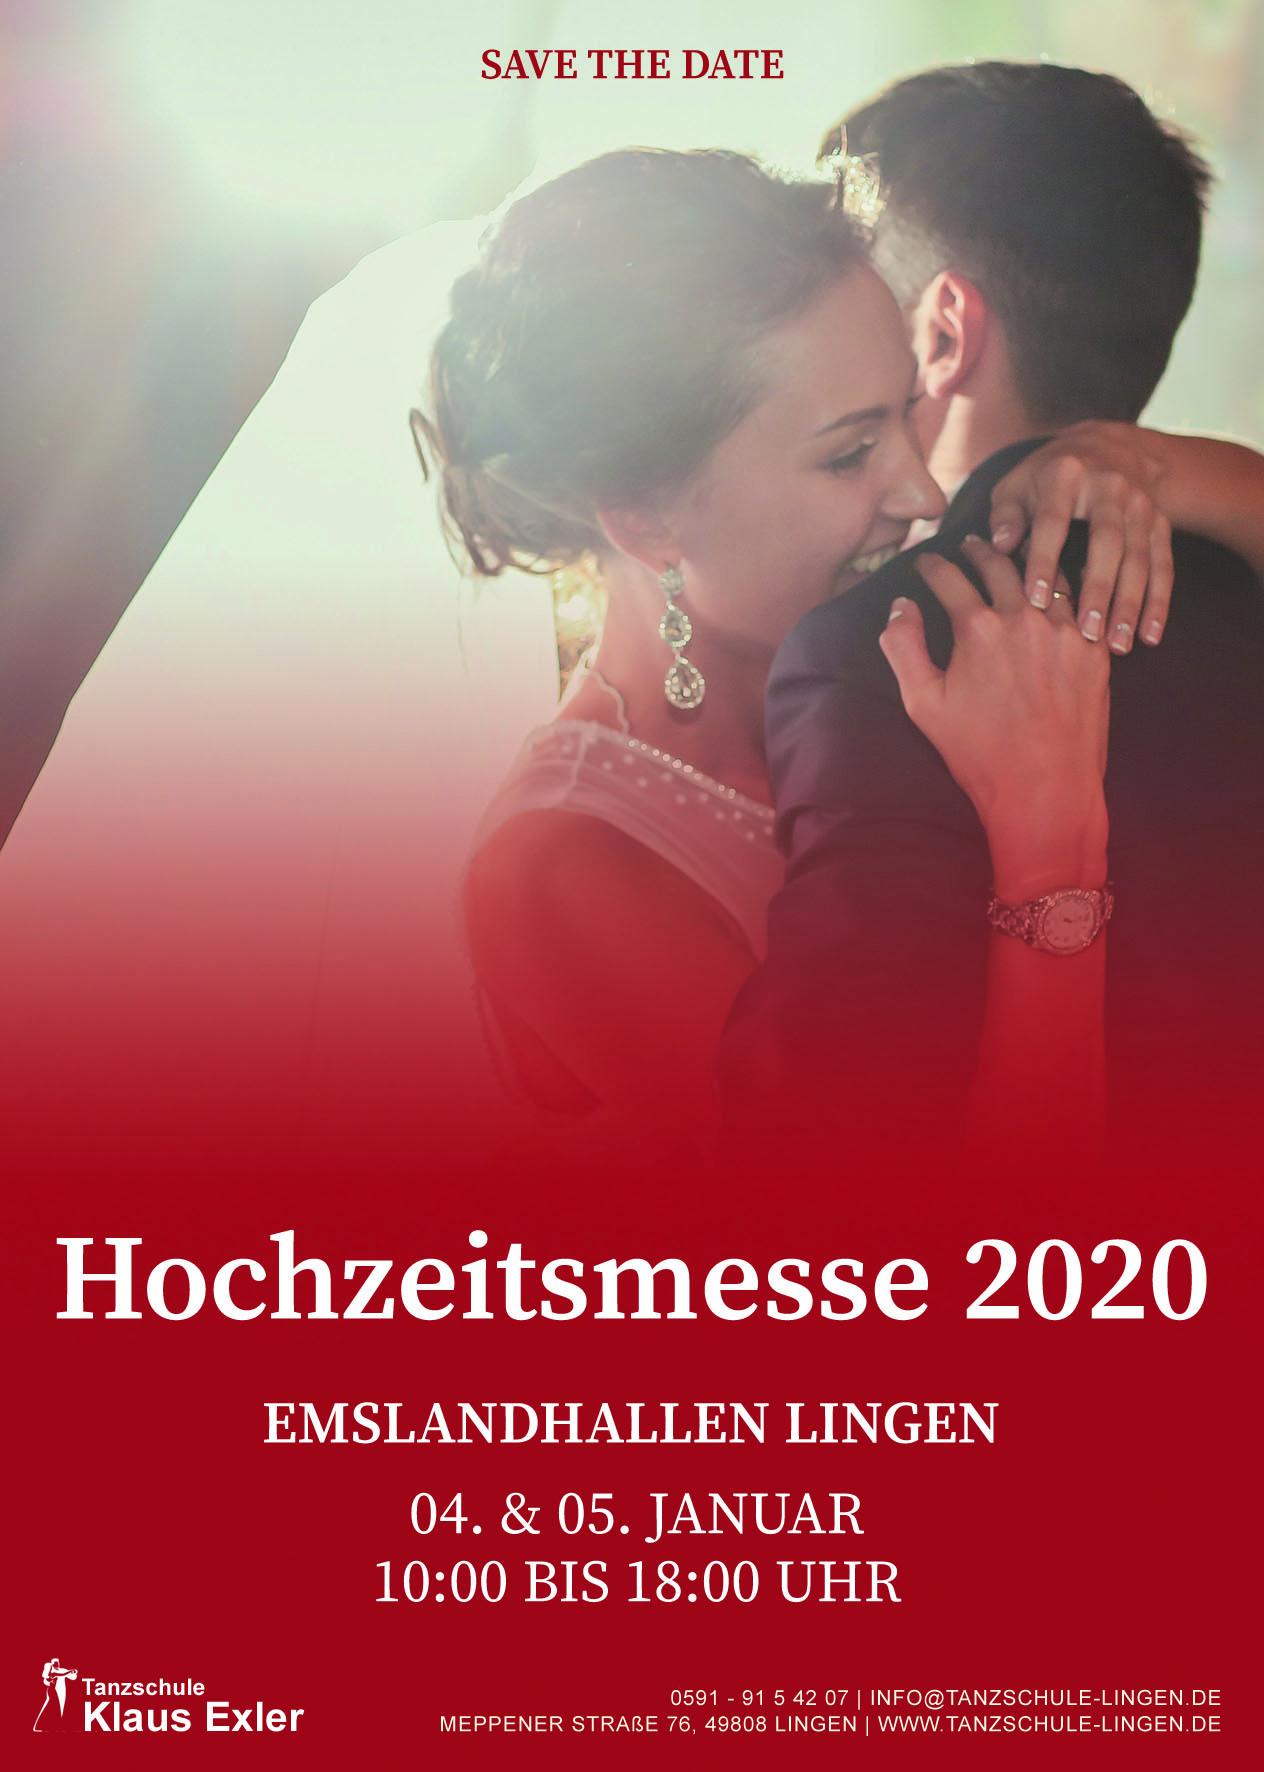 Hochzeitsmese 2020